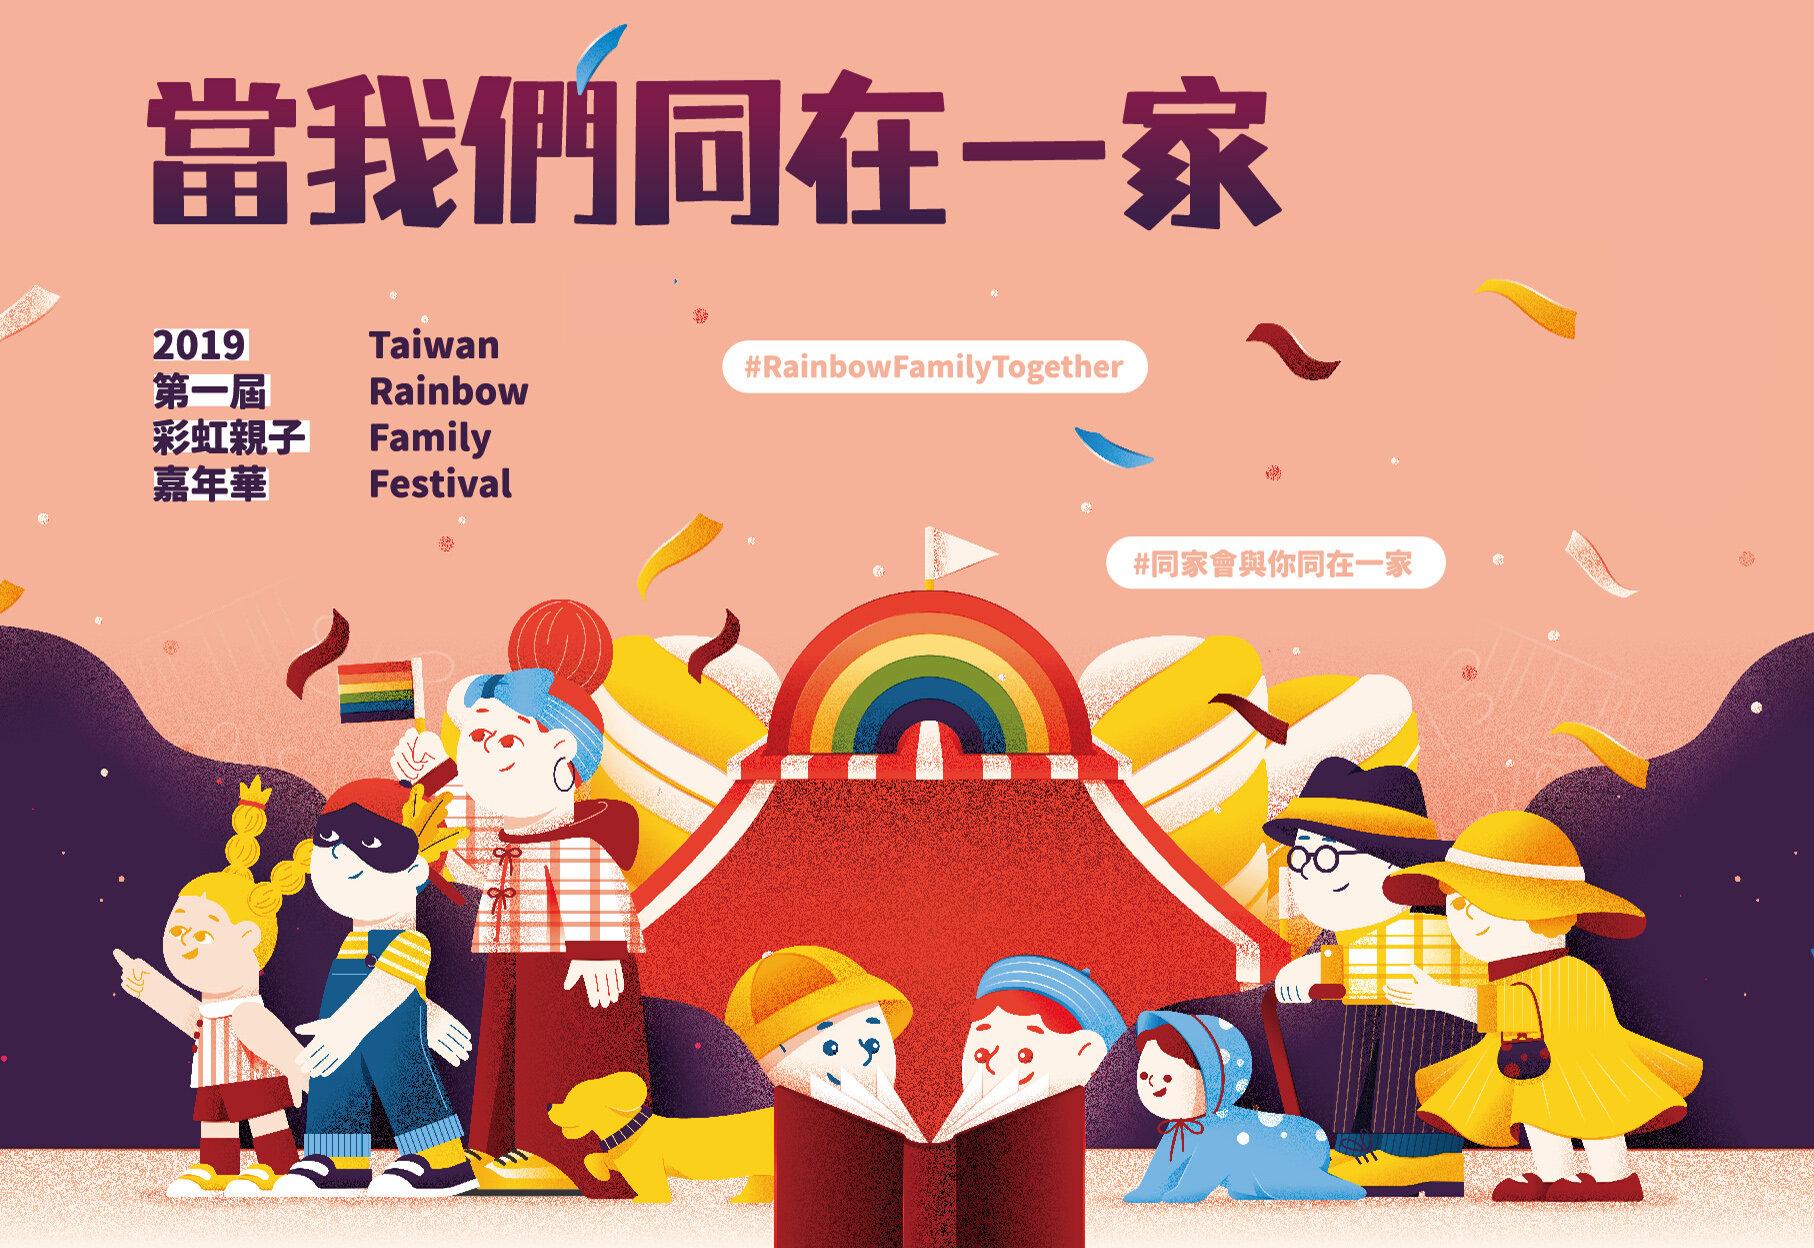 當我們同在一家-2019第一屆彩虹親子嘉年華 - 2019.10.26 (六)12:30-17:00台北市政府前廣場